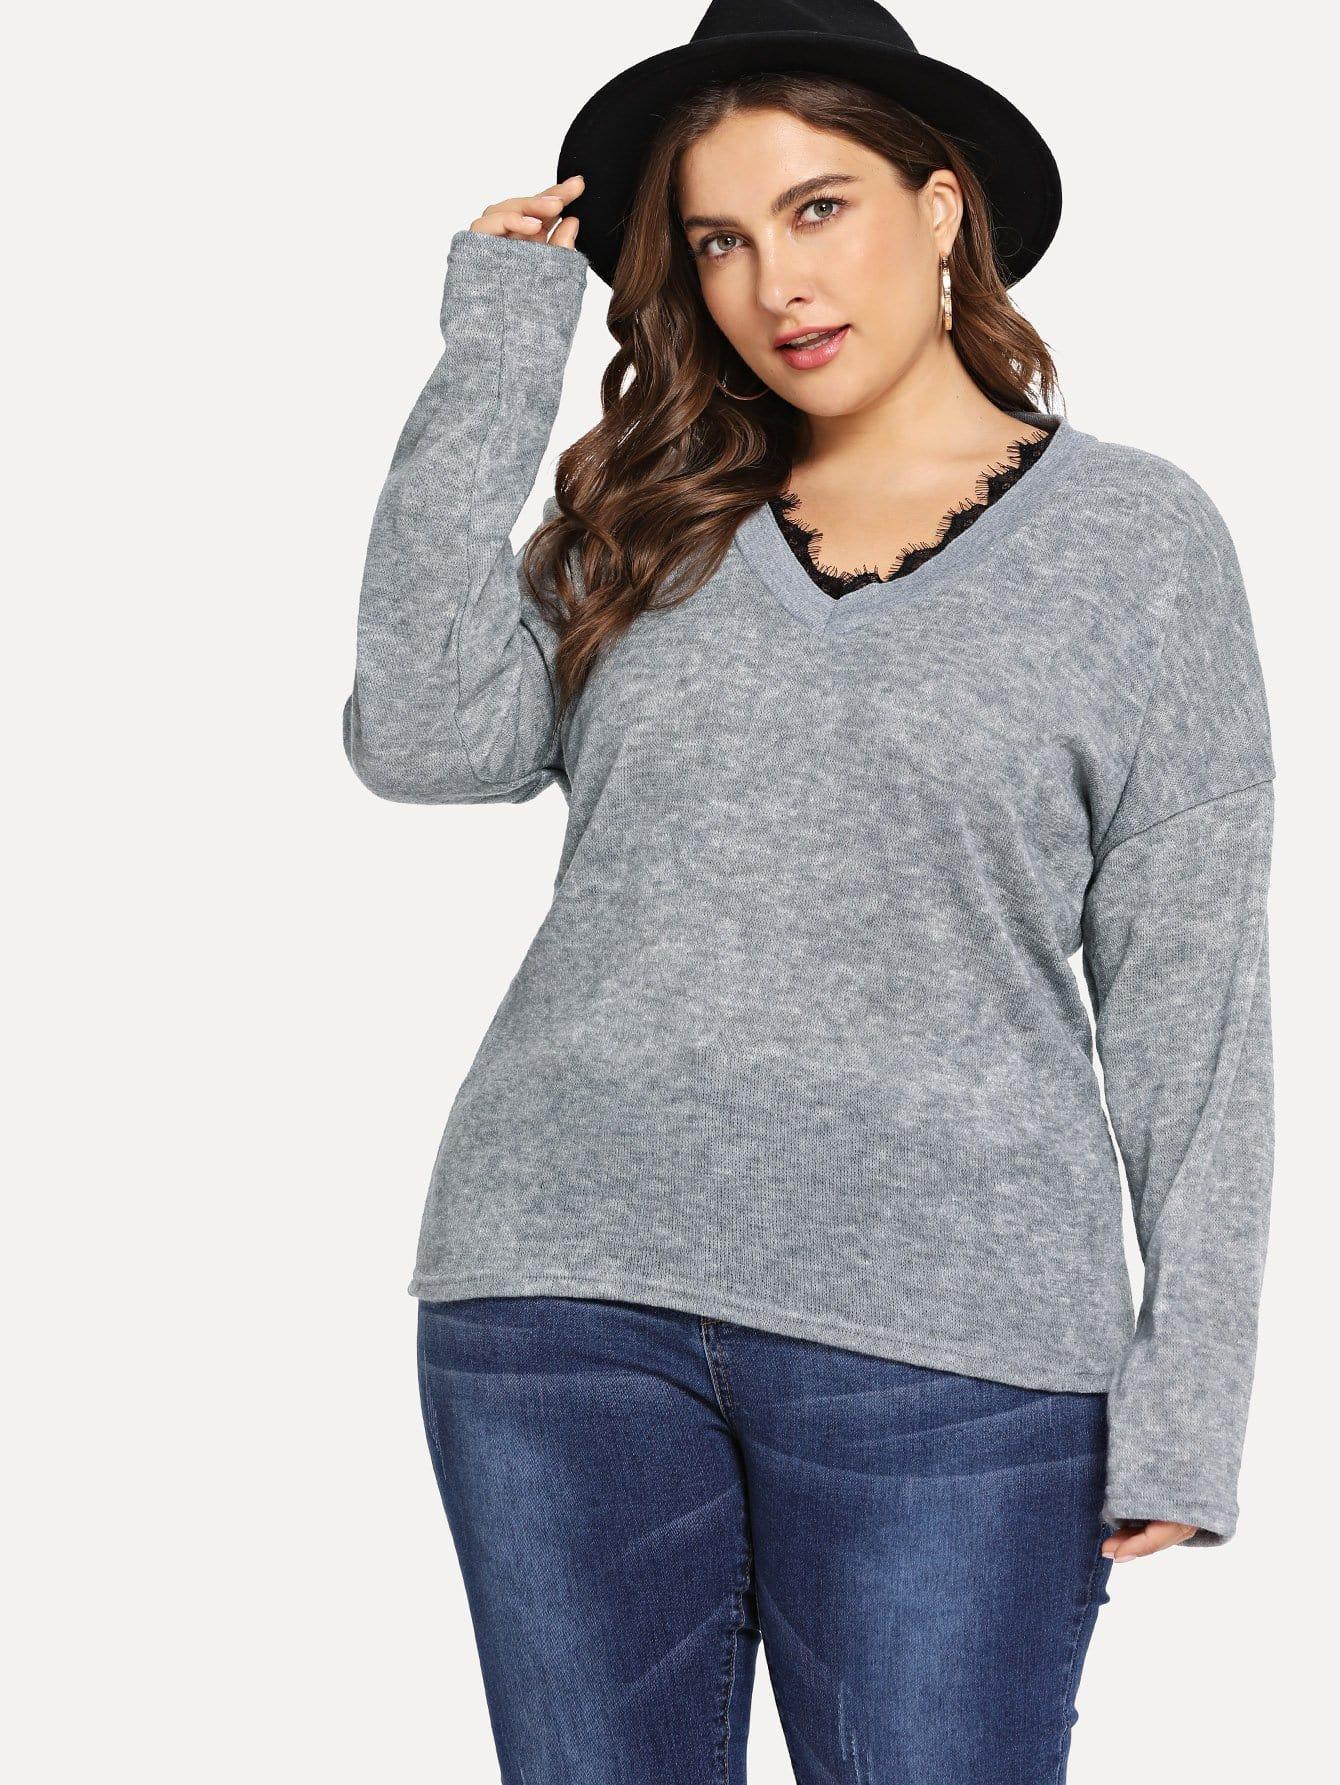 Купить Большая блуза с V-образным вырезом и со симметрическими кружевами, Franziska, SheIn